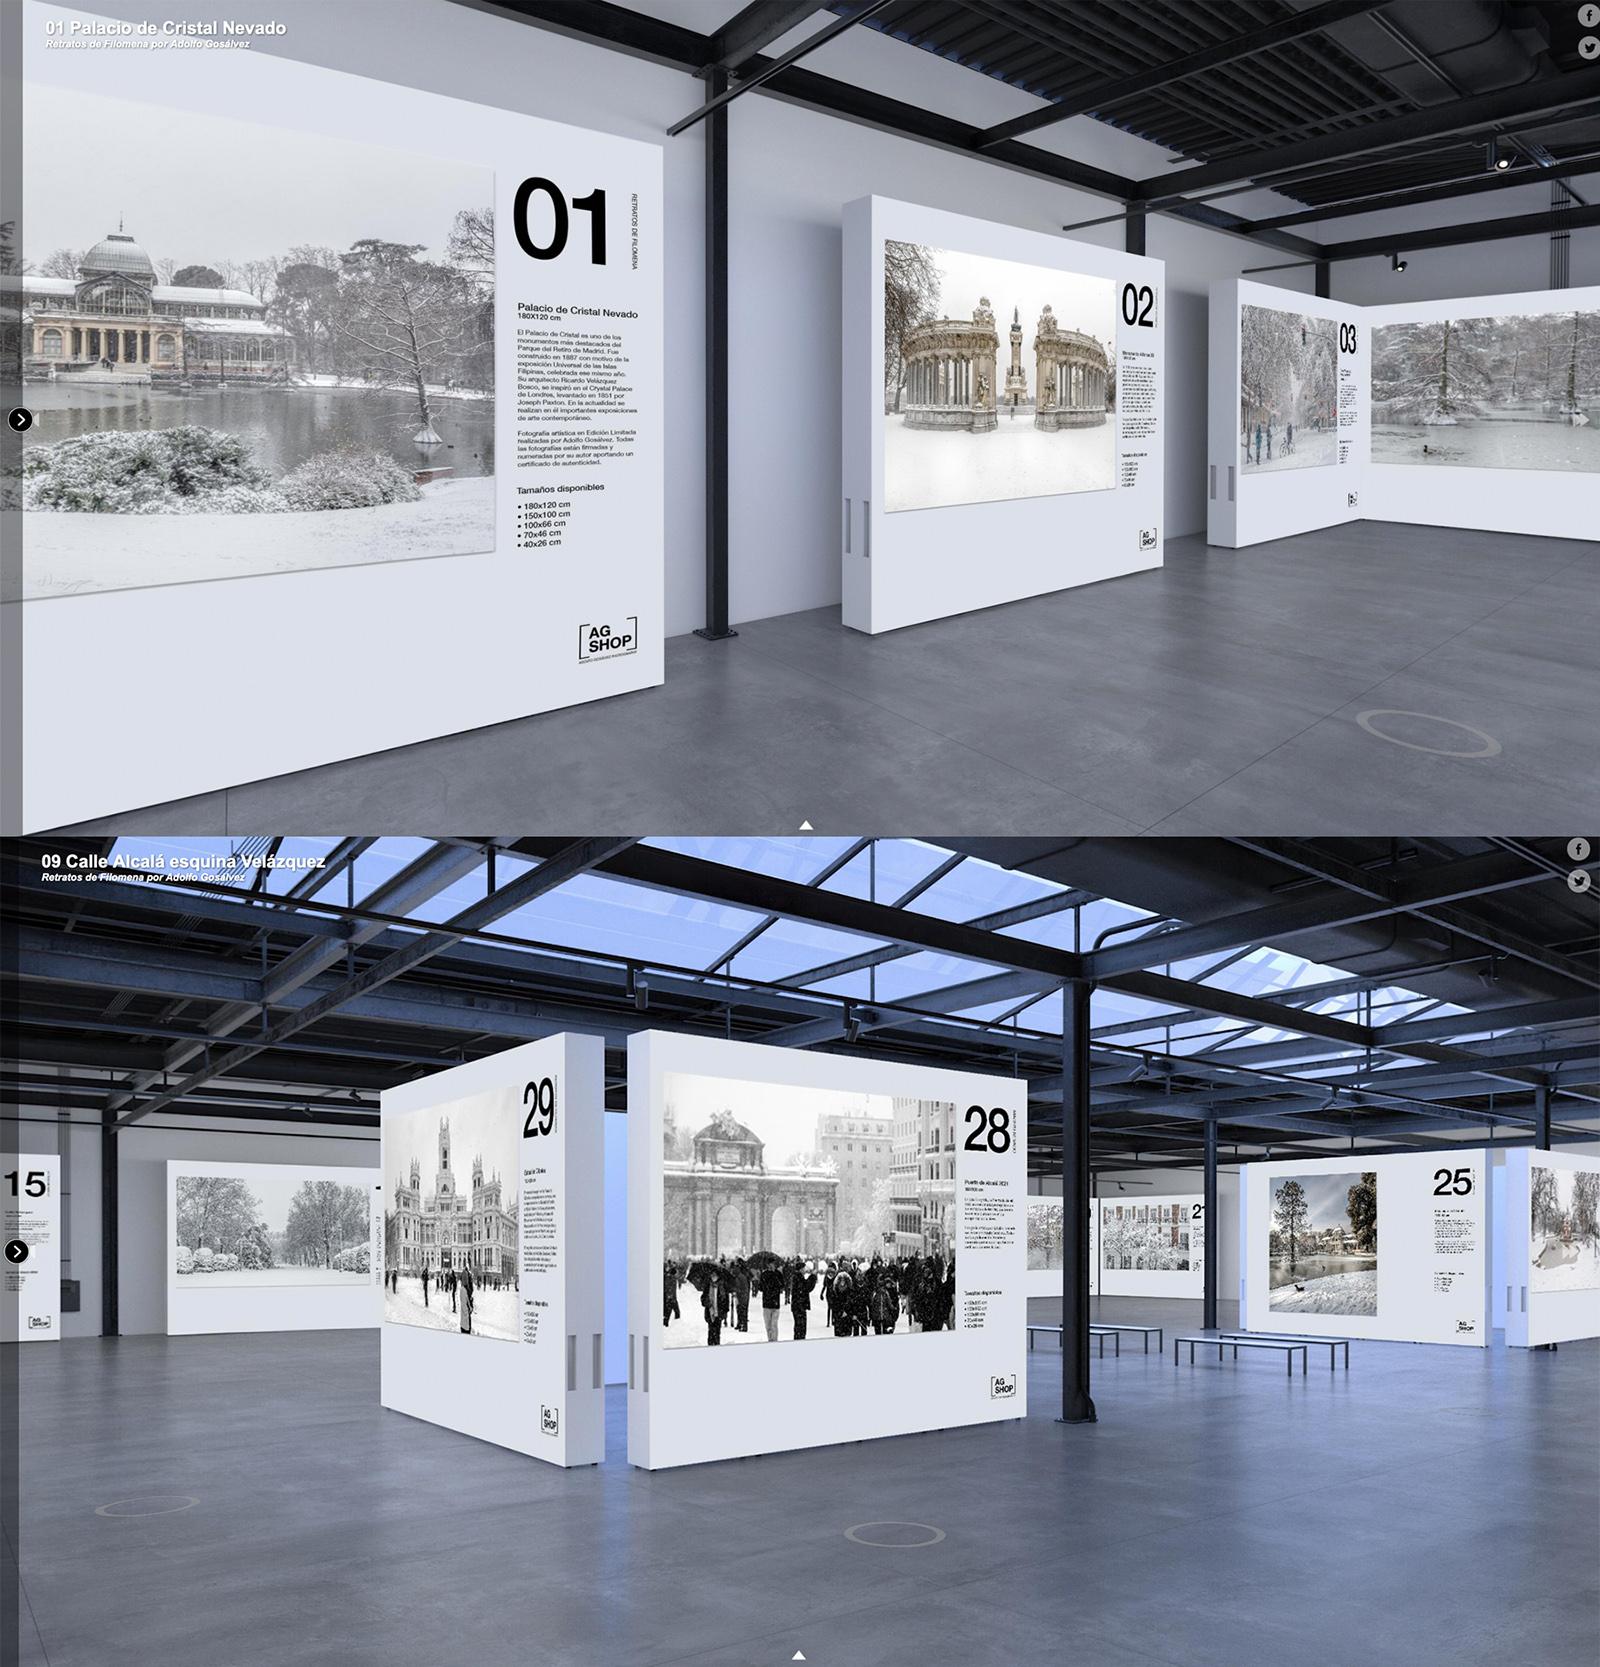 Exposición Virtual 360 de la Gran Nevada Filomena por Adolfo Gosálvez